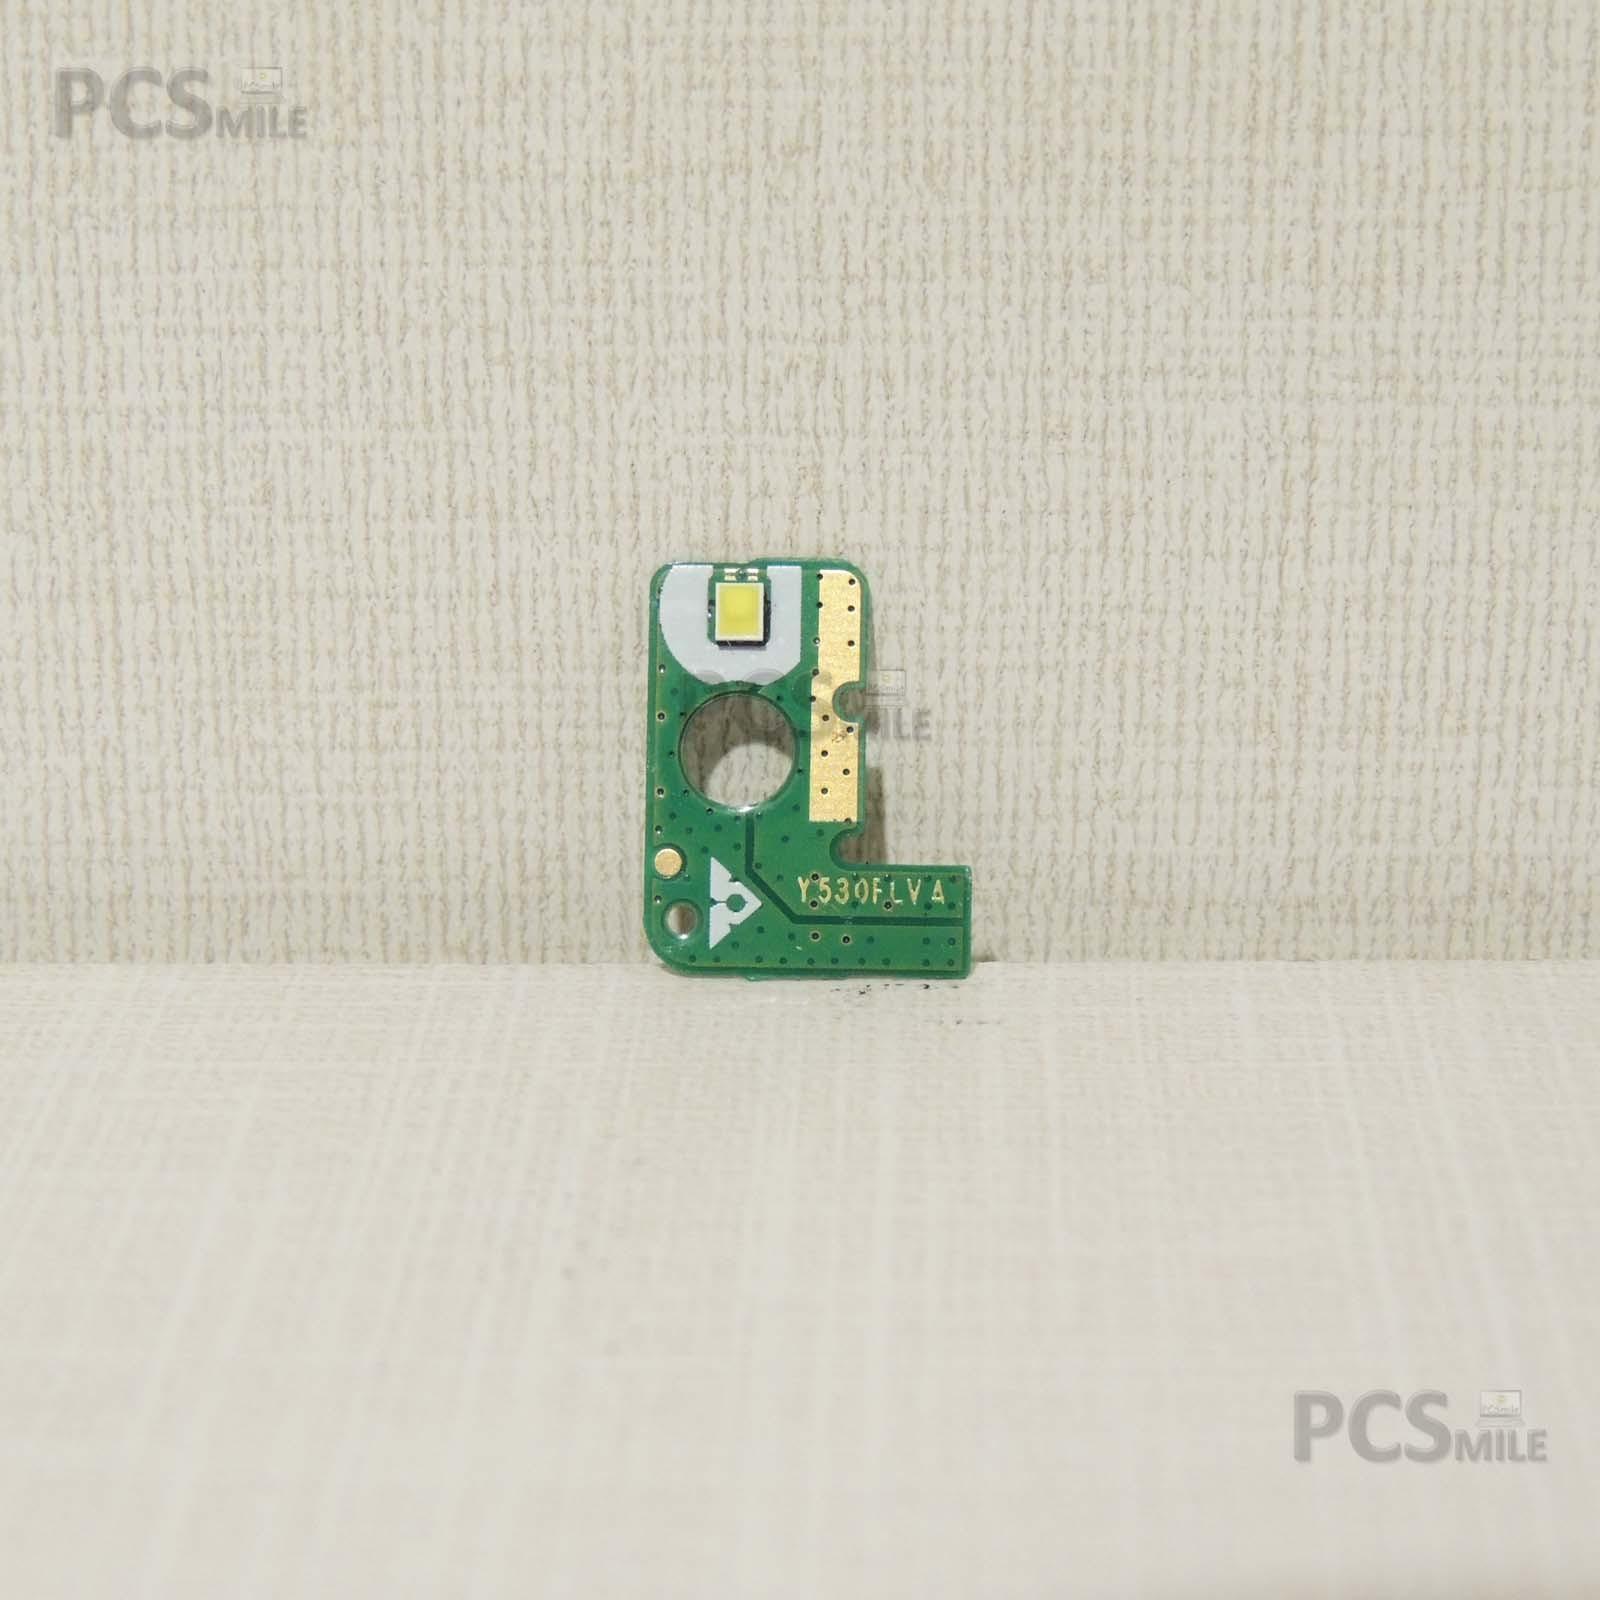 Huawei Y530 Flash interno Y530FLVA